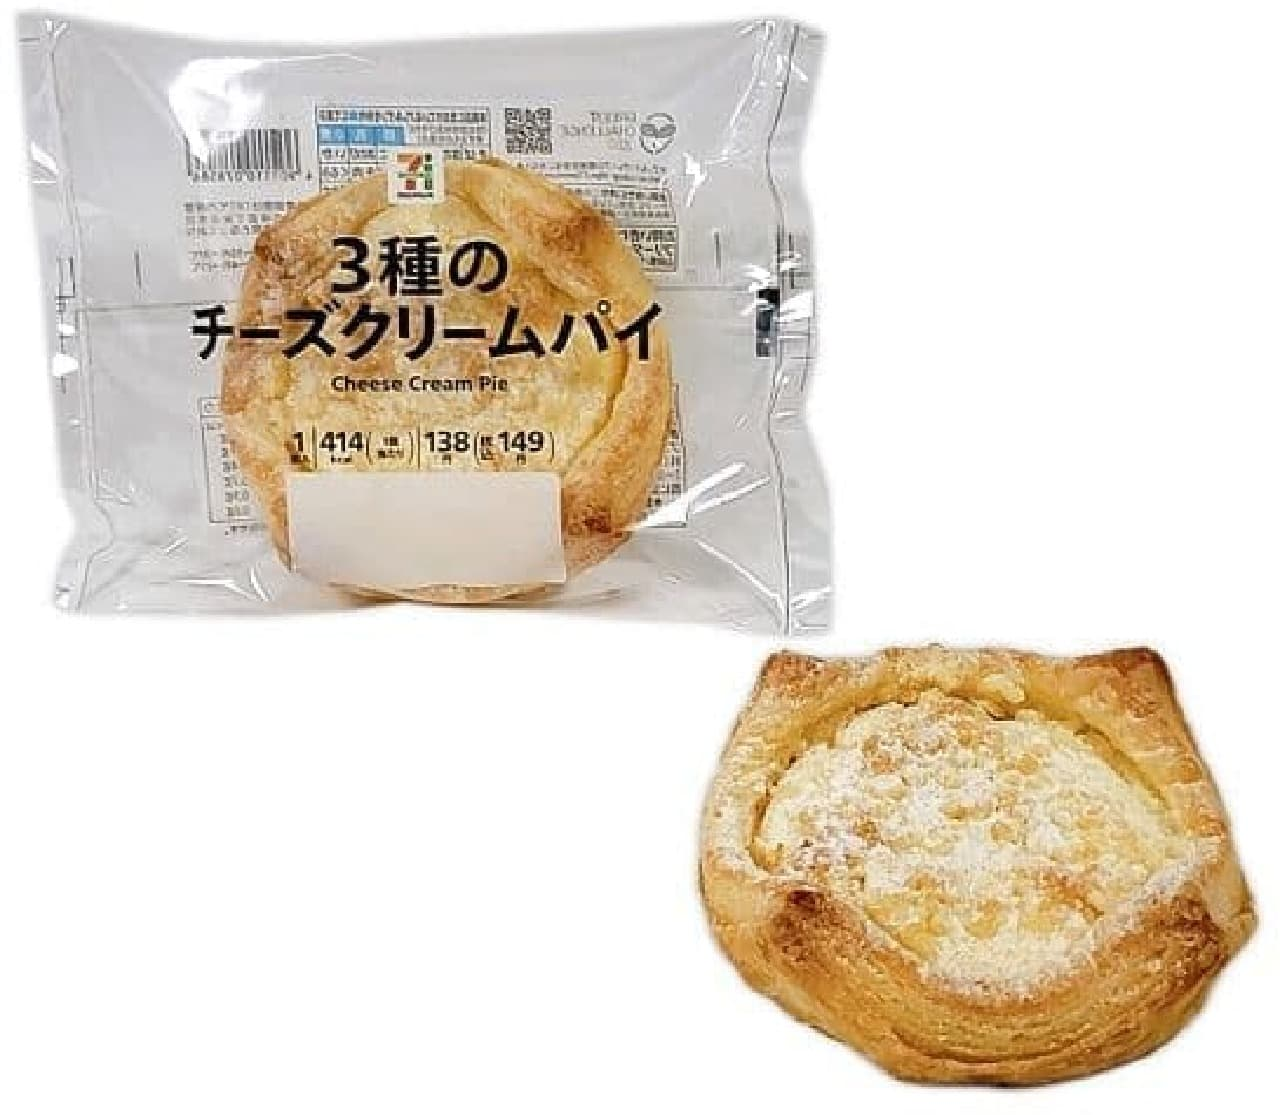 セブン-イレブン「7プレミアム 3種のチーズクリームパイ」